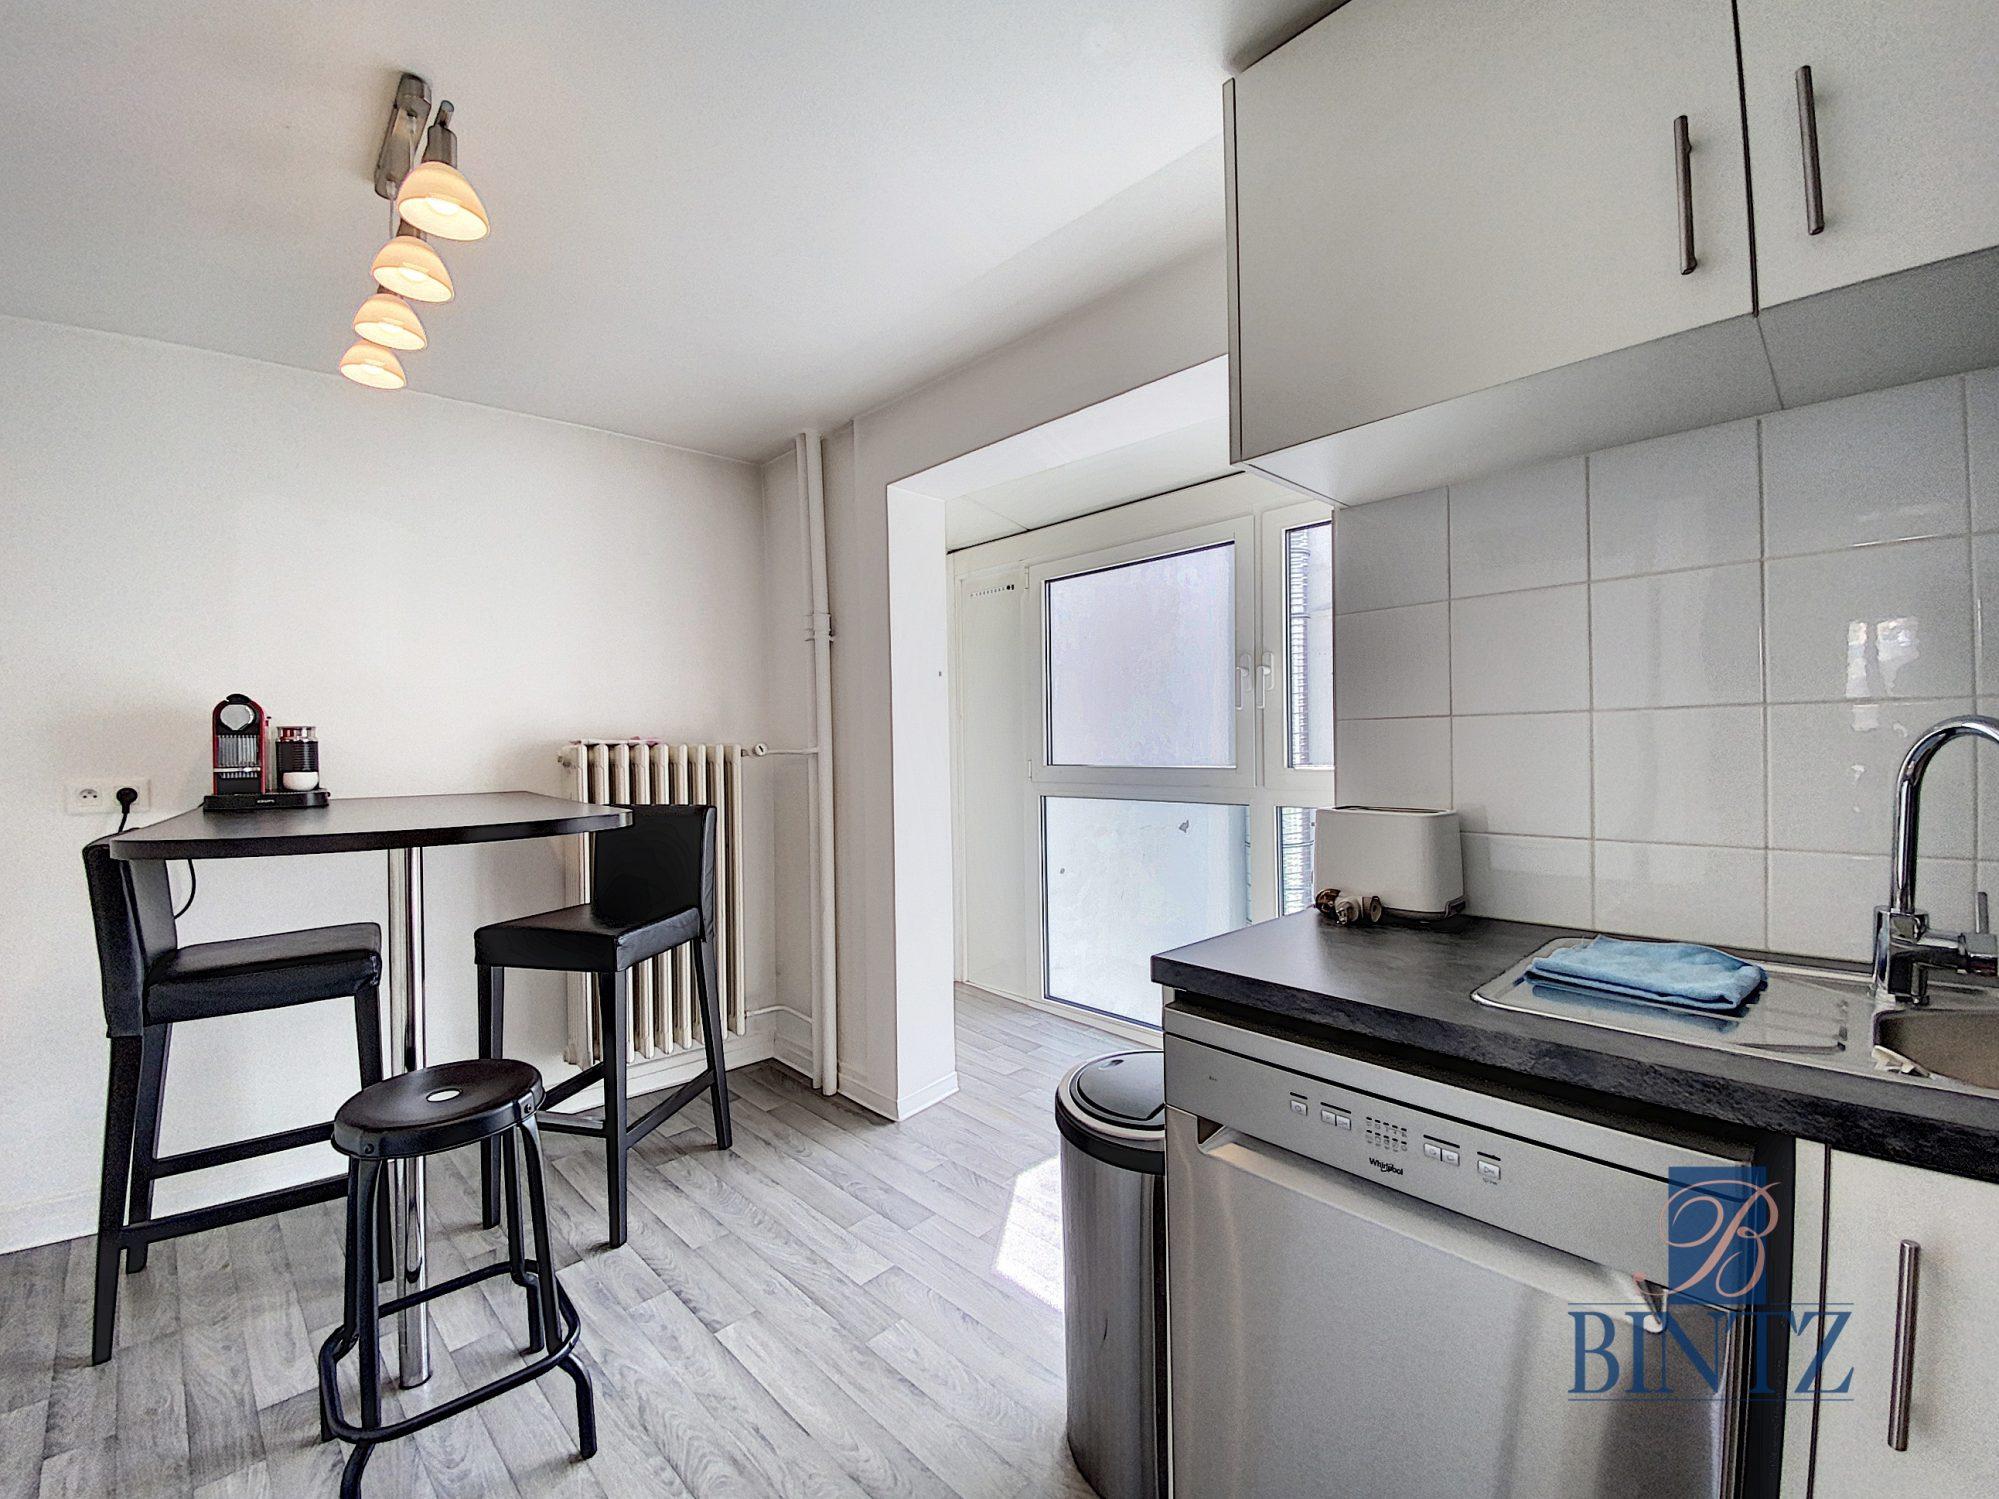 3 PIÈCES HYPERCENTRE - Devenez locataire en toute sérénité - Bintz Immobilier - 4